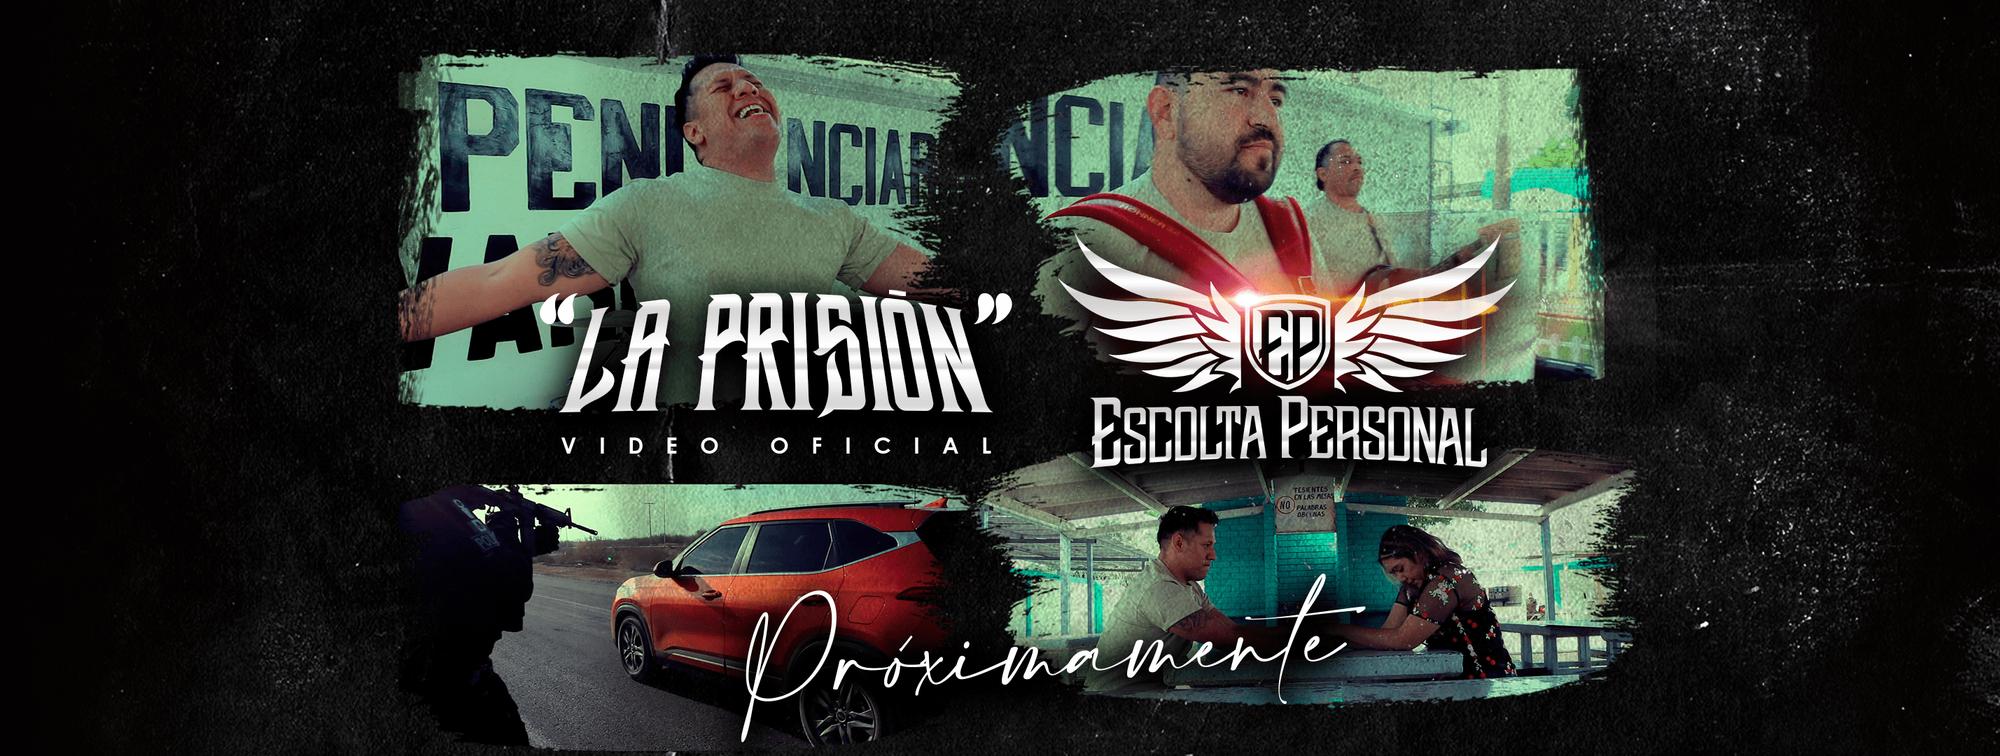 """Se acerca el estreno del nuevo tema y video de """"Escolta Personal"""" de nombre """"La Prisión"""" bajo el sello discográfico de Talentos Music."""